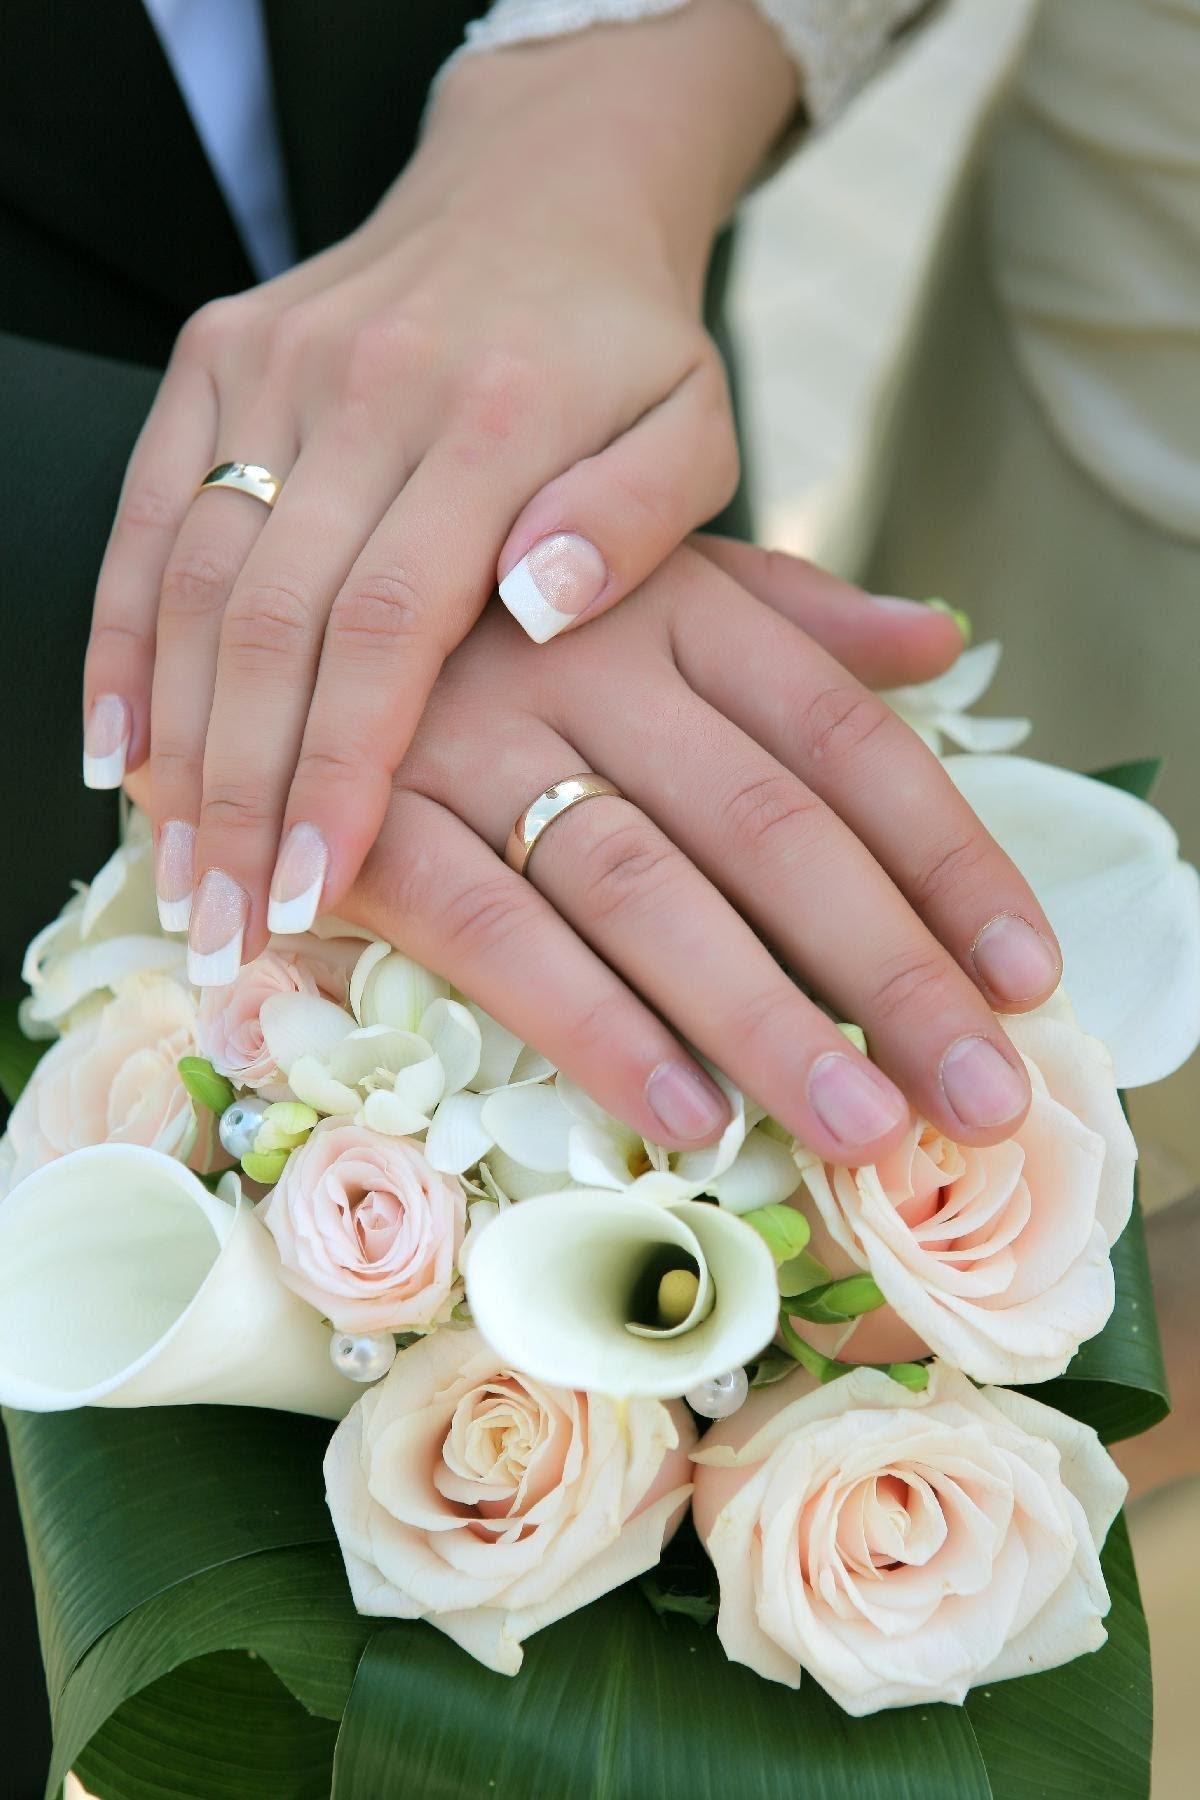 Праздничные, картинки две руки с обручальными кольцами